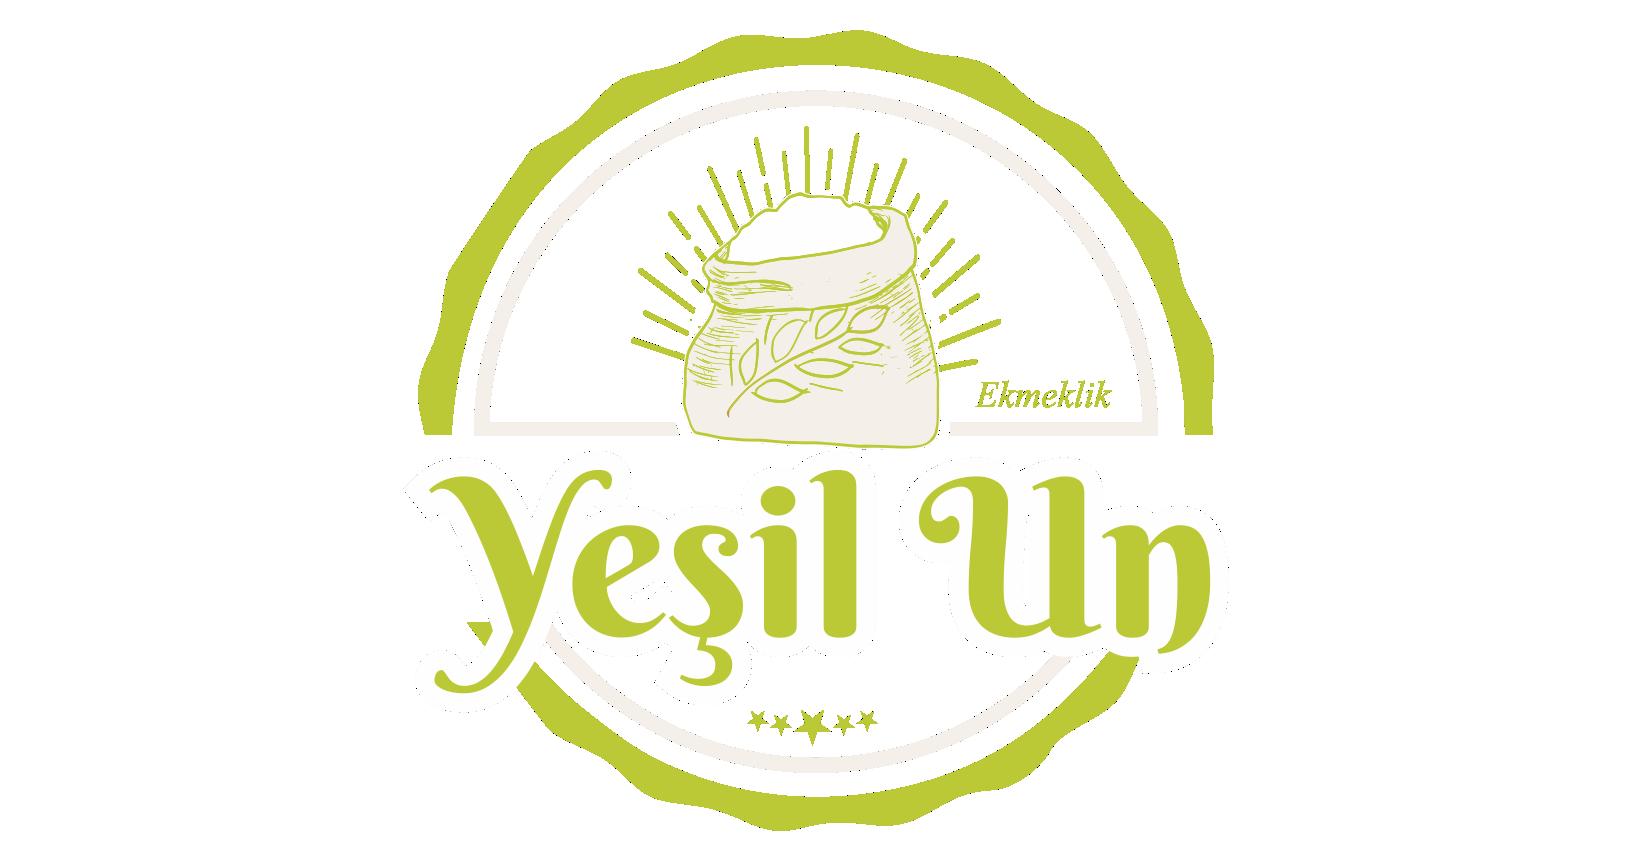 kaptanlar-ekmeklik-firin-yesil-un-logo